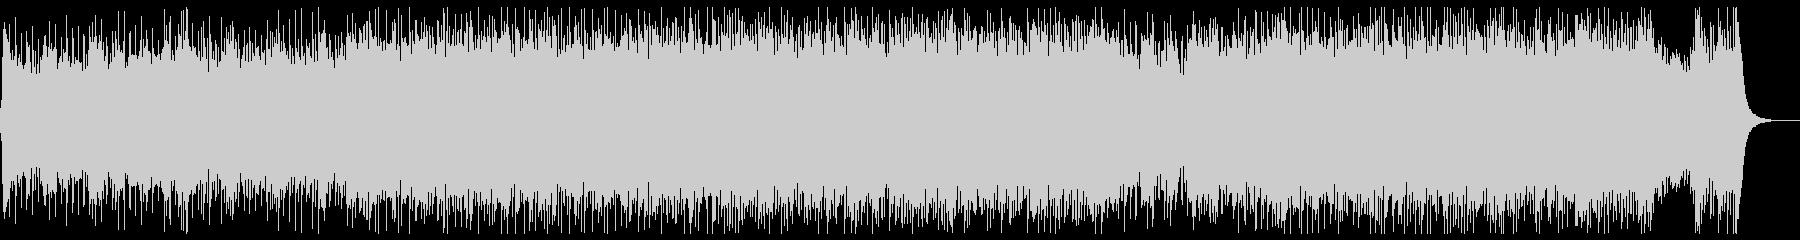 ダークな和風ロック:三味線・尺八・箏・鼓の未再生の波形